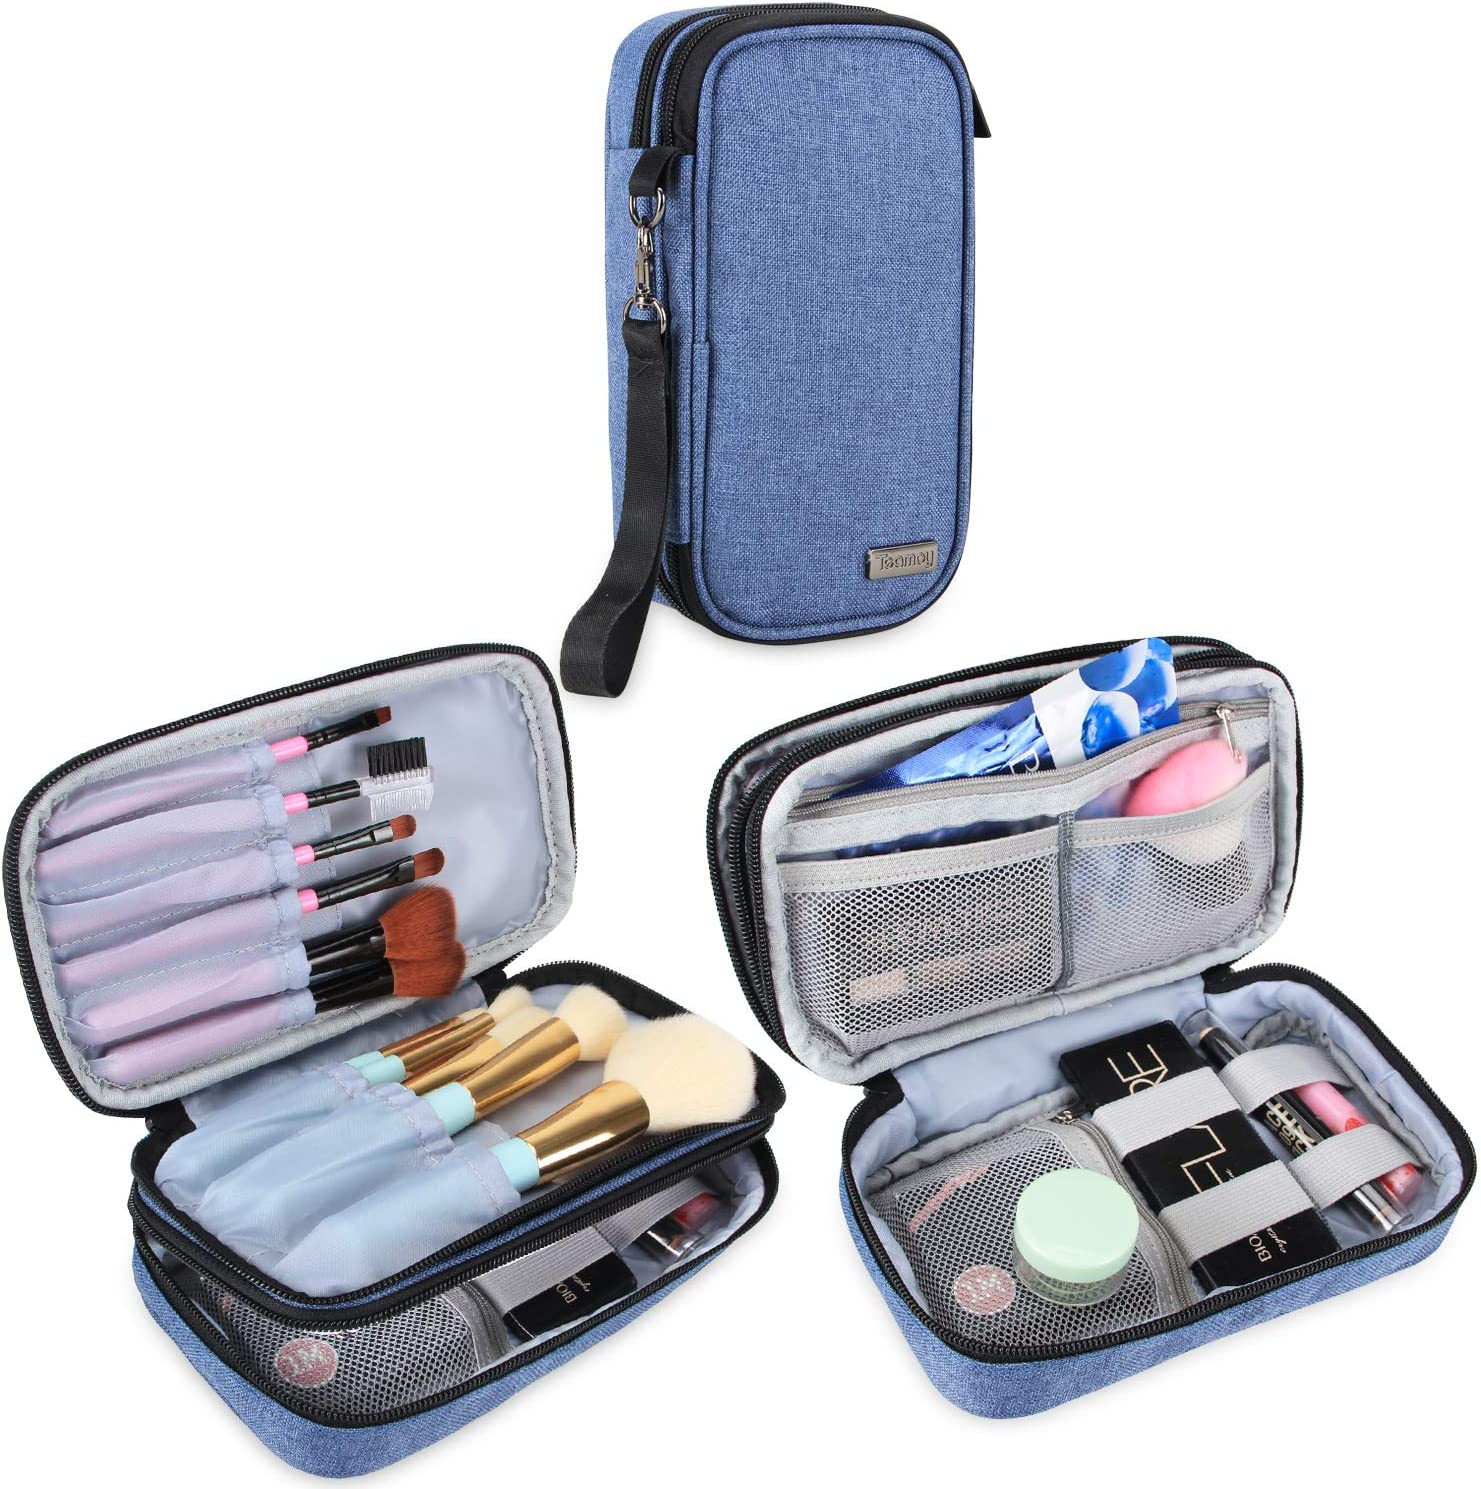 Teamoy - Bolsa para brochas de maquillaje (hasta 20 cm), organizador de brochas de maquillaje portátil para brochas de belleza, kit de maquillaje, azul (no incluye accesorios)